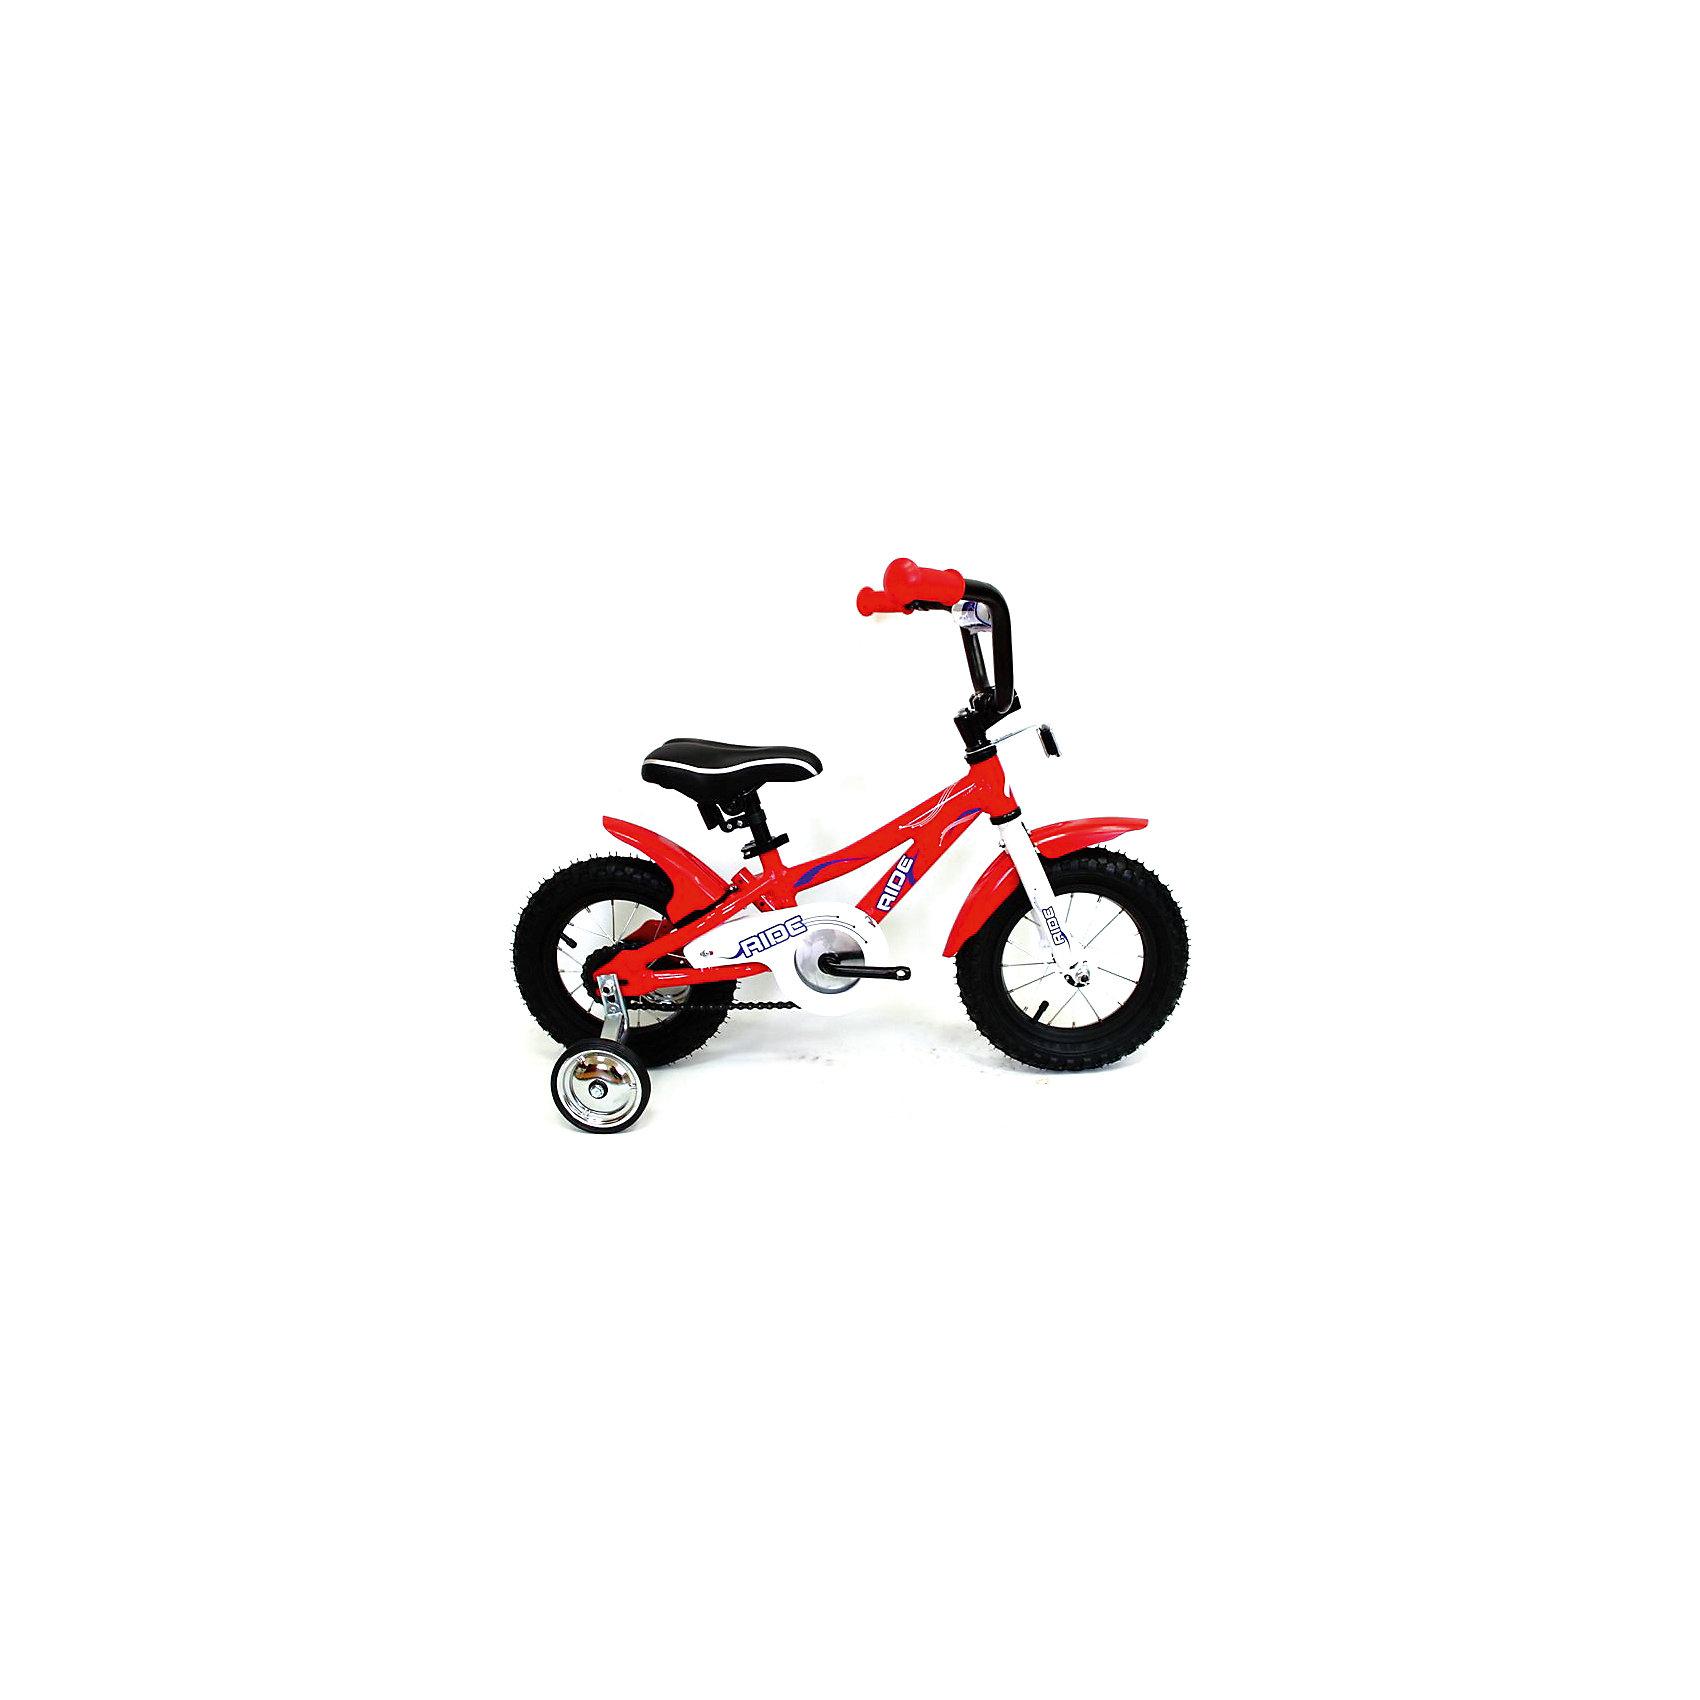 Велосипед RIDE, MARS, красныйВелосипеды детские<br><br><br>Ширина мм: 400<br>Глубина мм: 400<br>Высота мм: 1000<br>Вес г: 10000<br>Возраст от месяцев: 24<br>Возраст до месяцев: 60<br>Пол: Унисекс<br>Возраст: Детский<br>SKU: 4785500